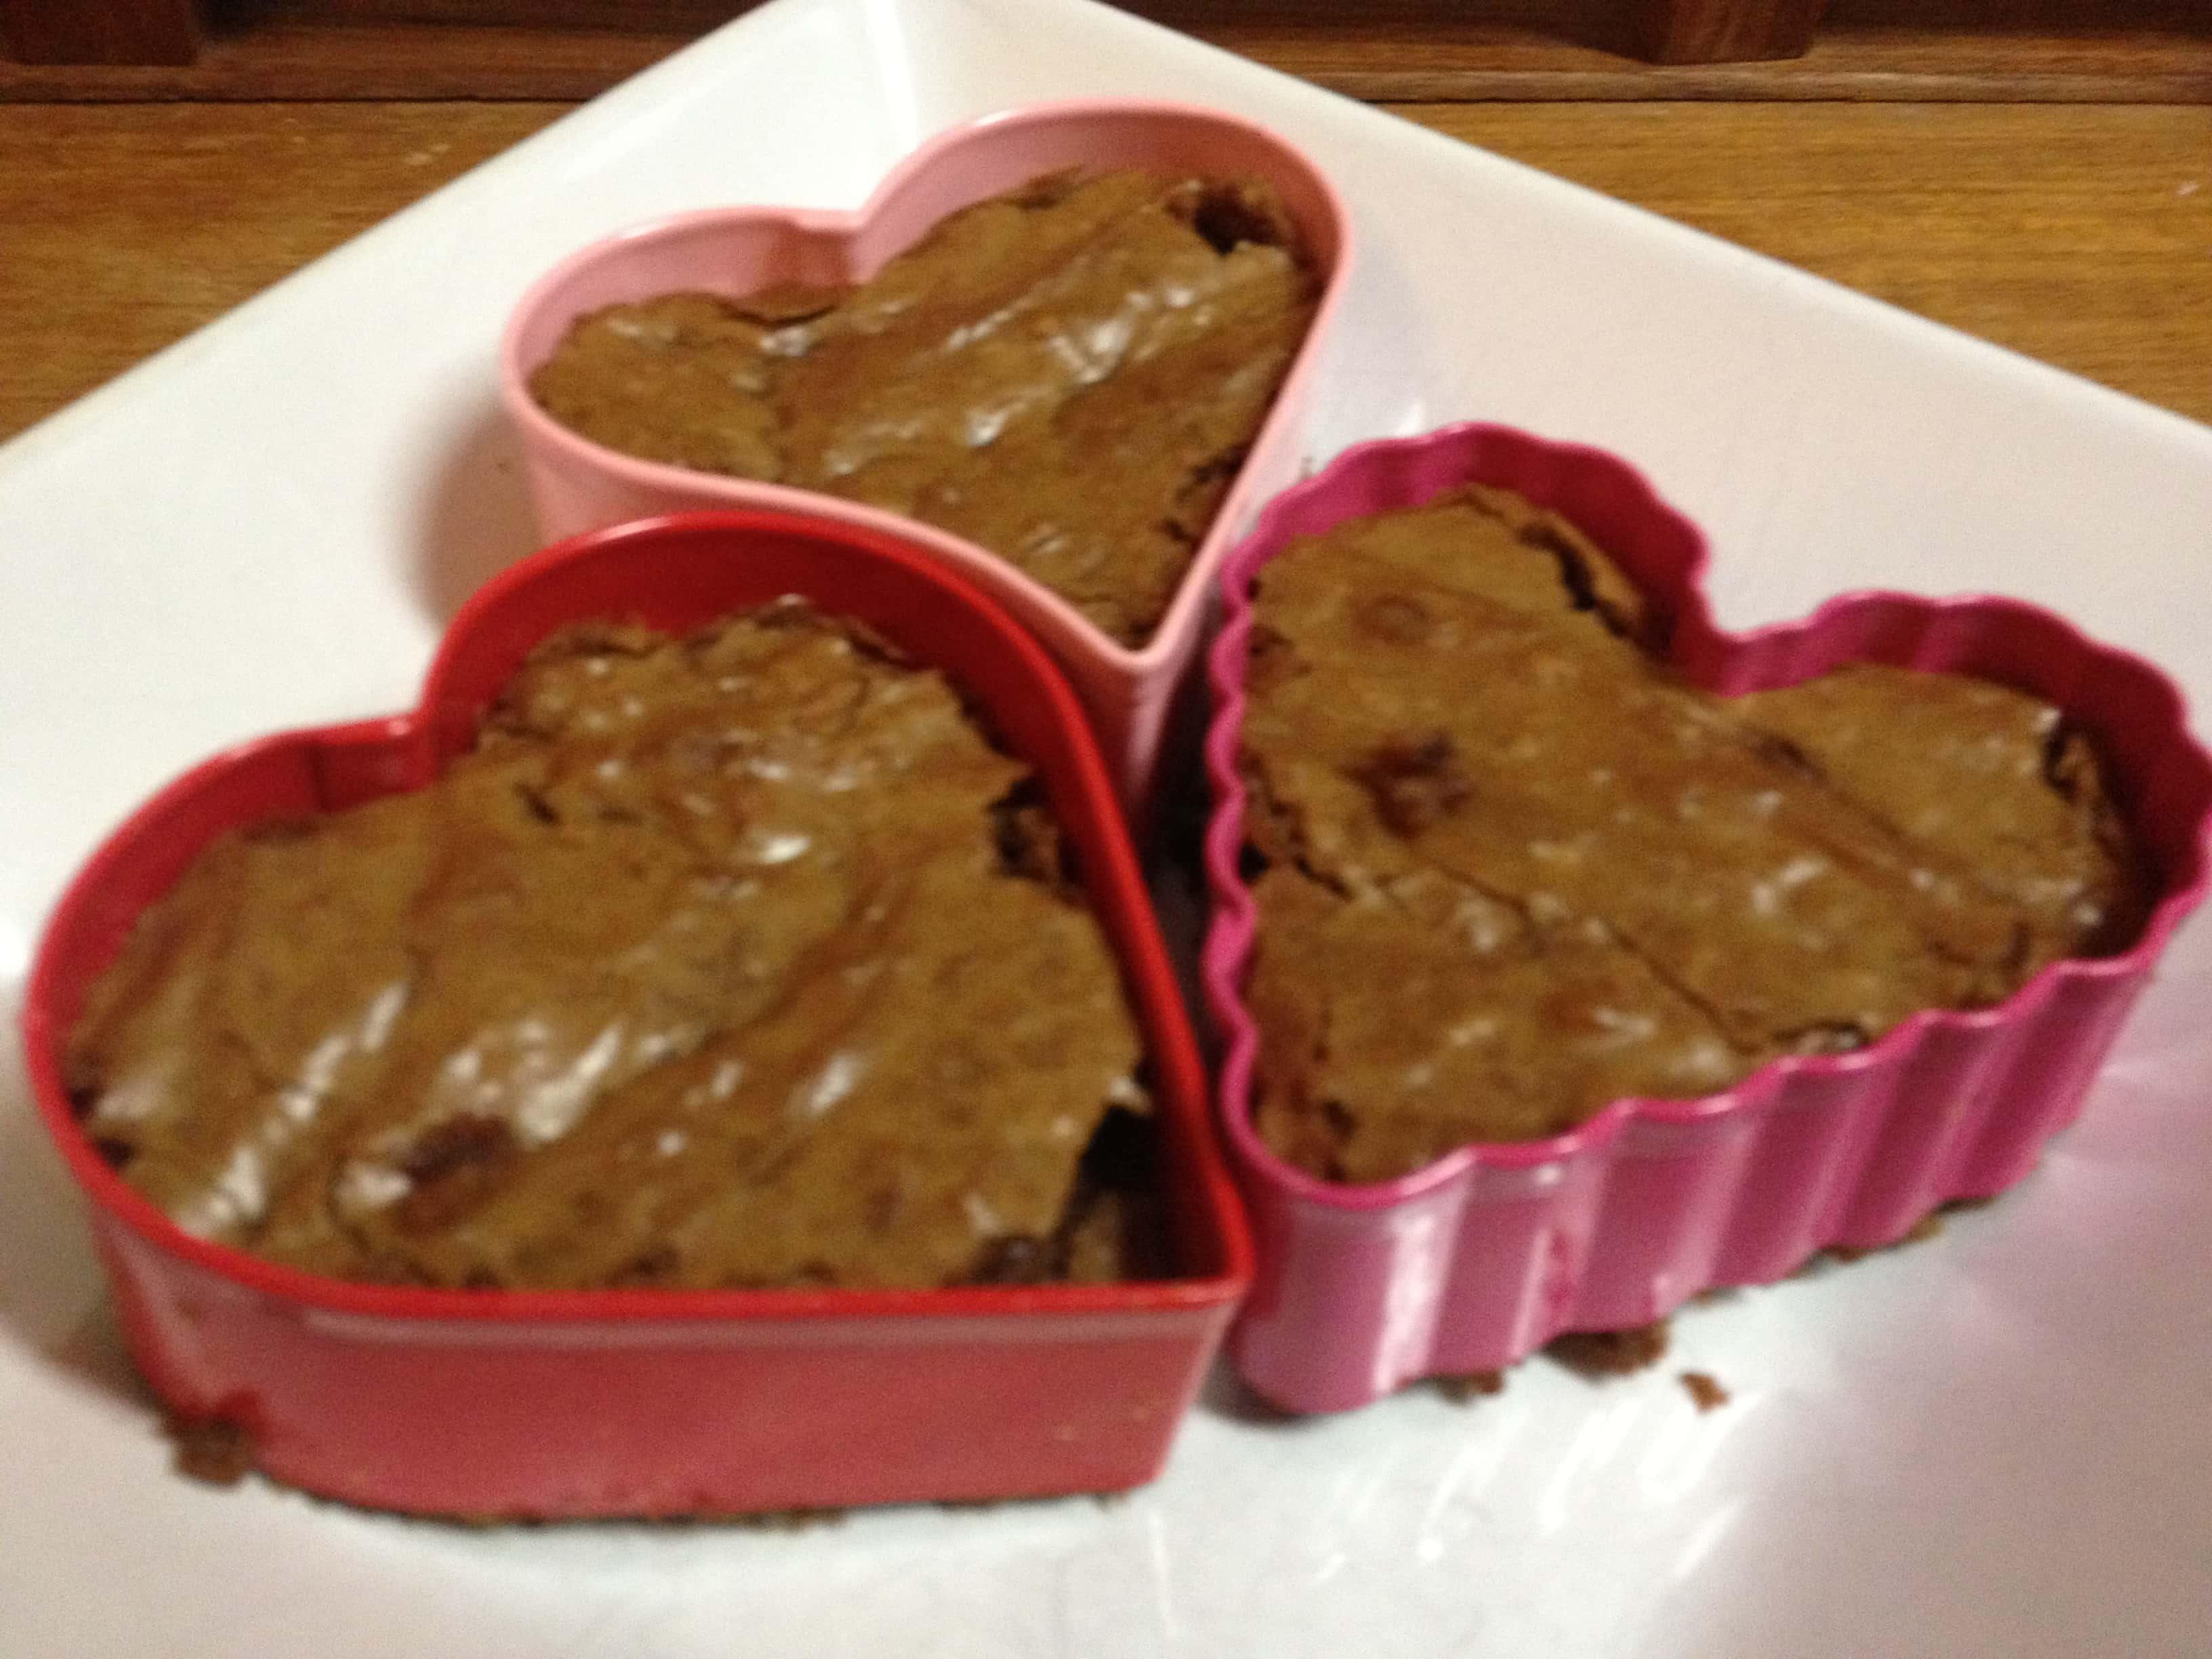 pringle brownies